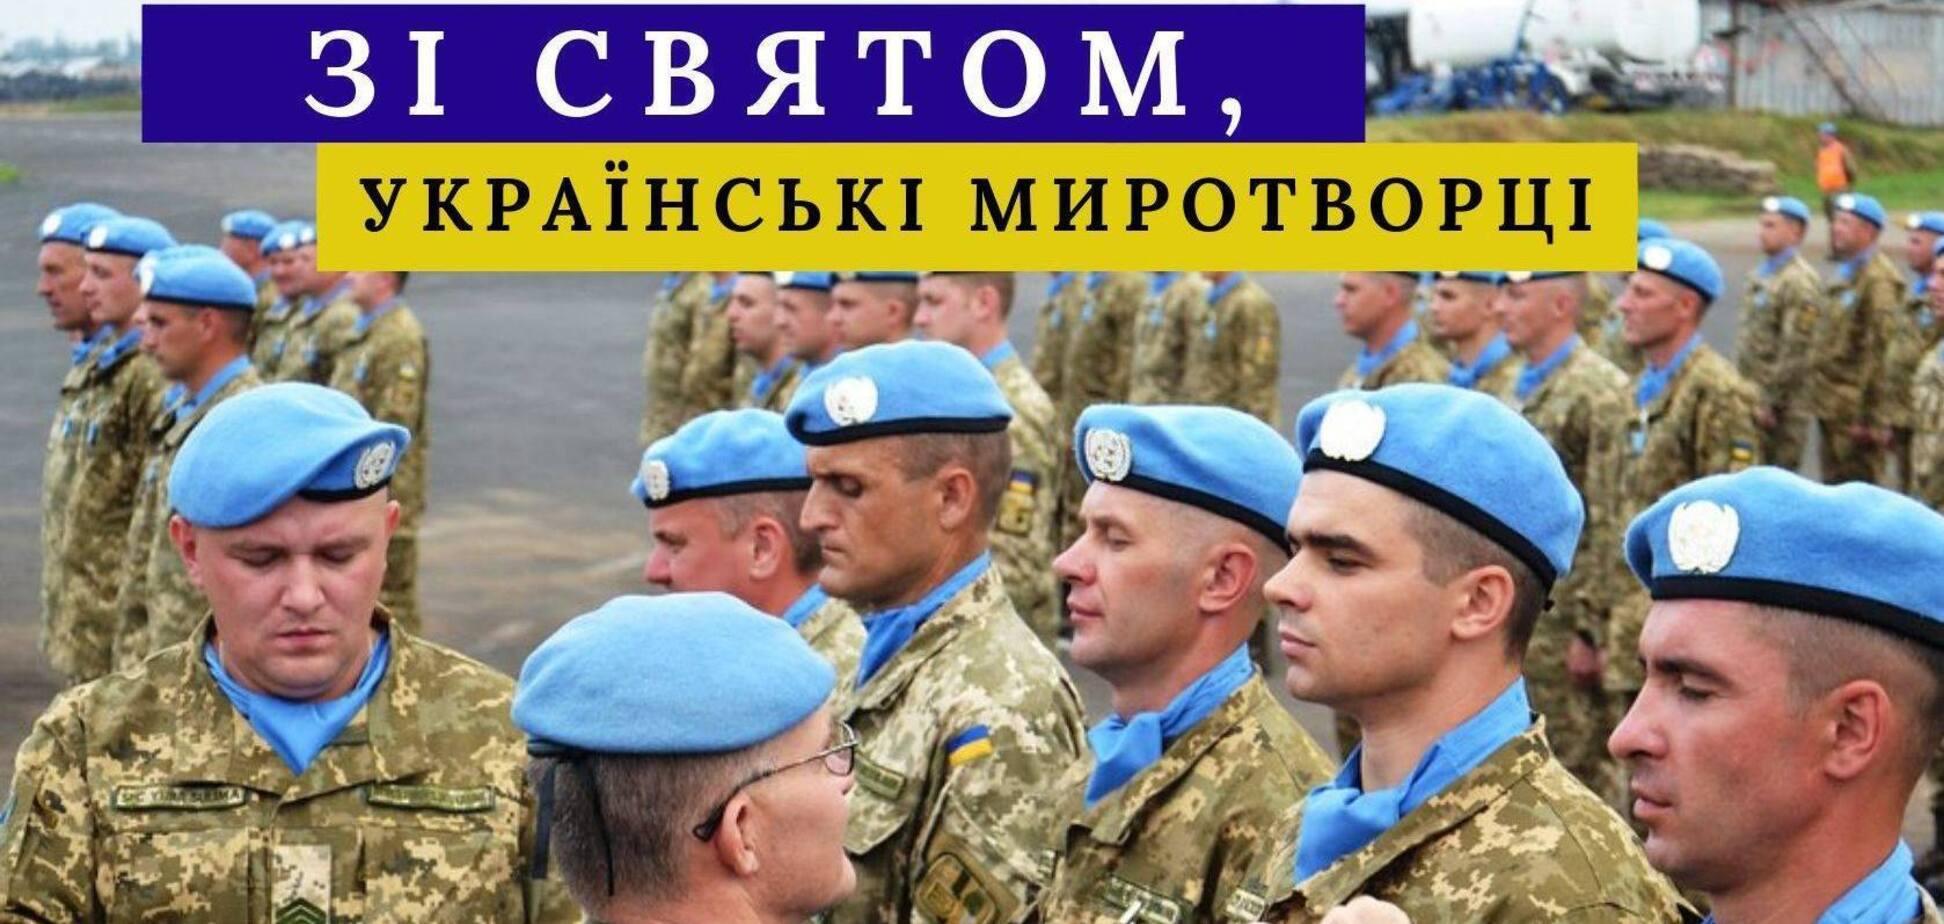 День українських миротворців відзначається з 2013 року